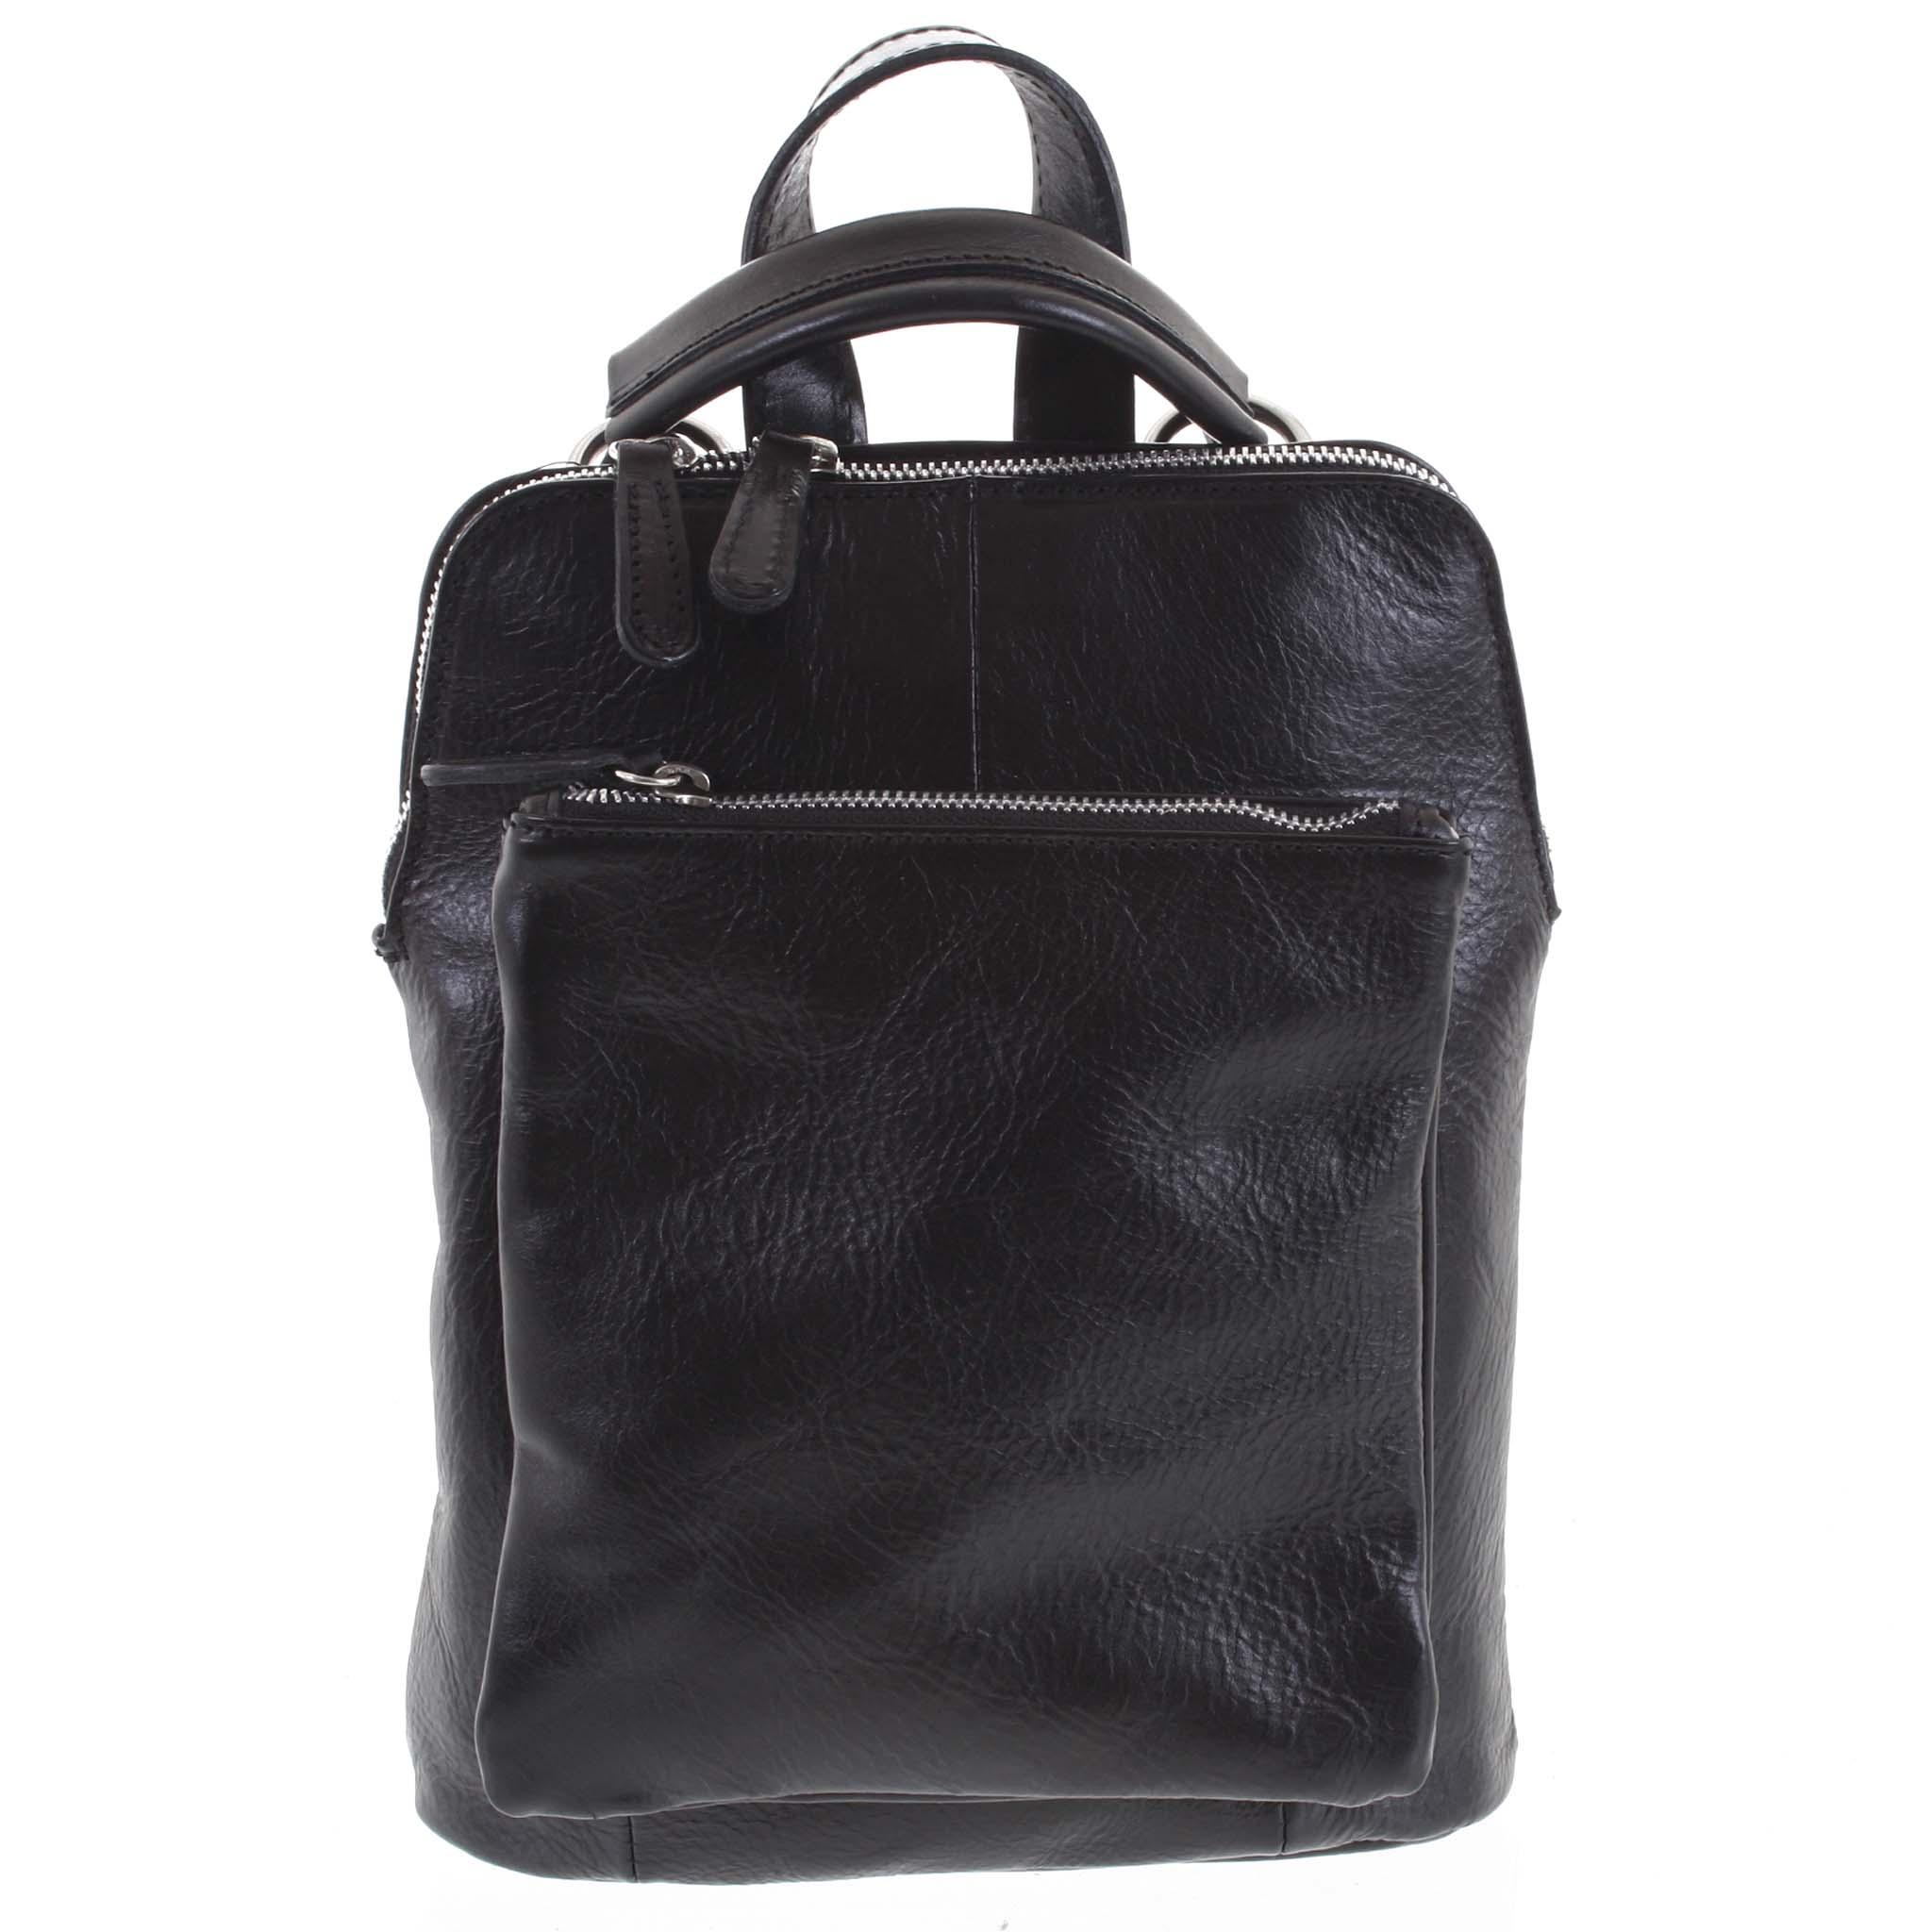 Dámský kožený batůžek kabelka černý - ItalY Englis